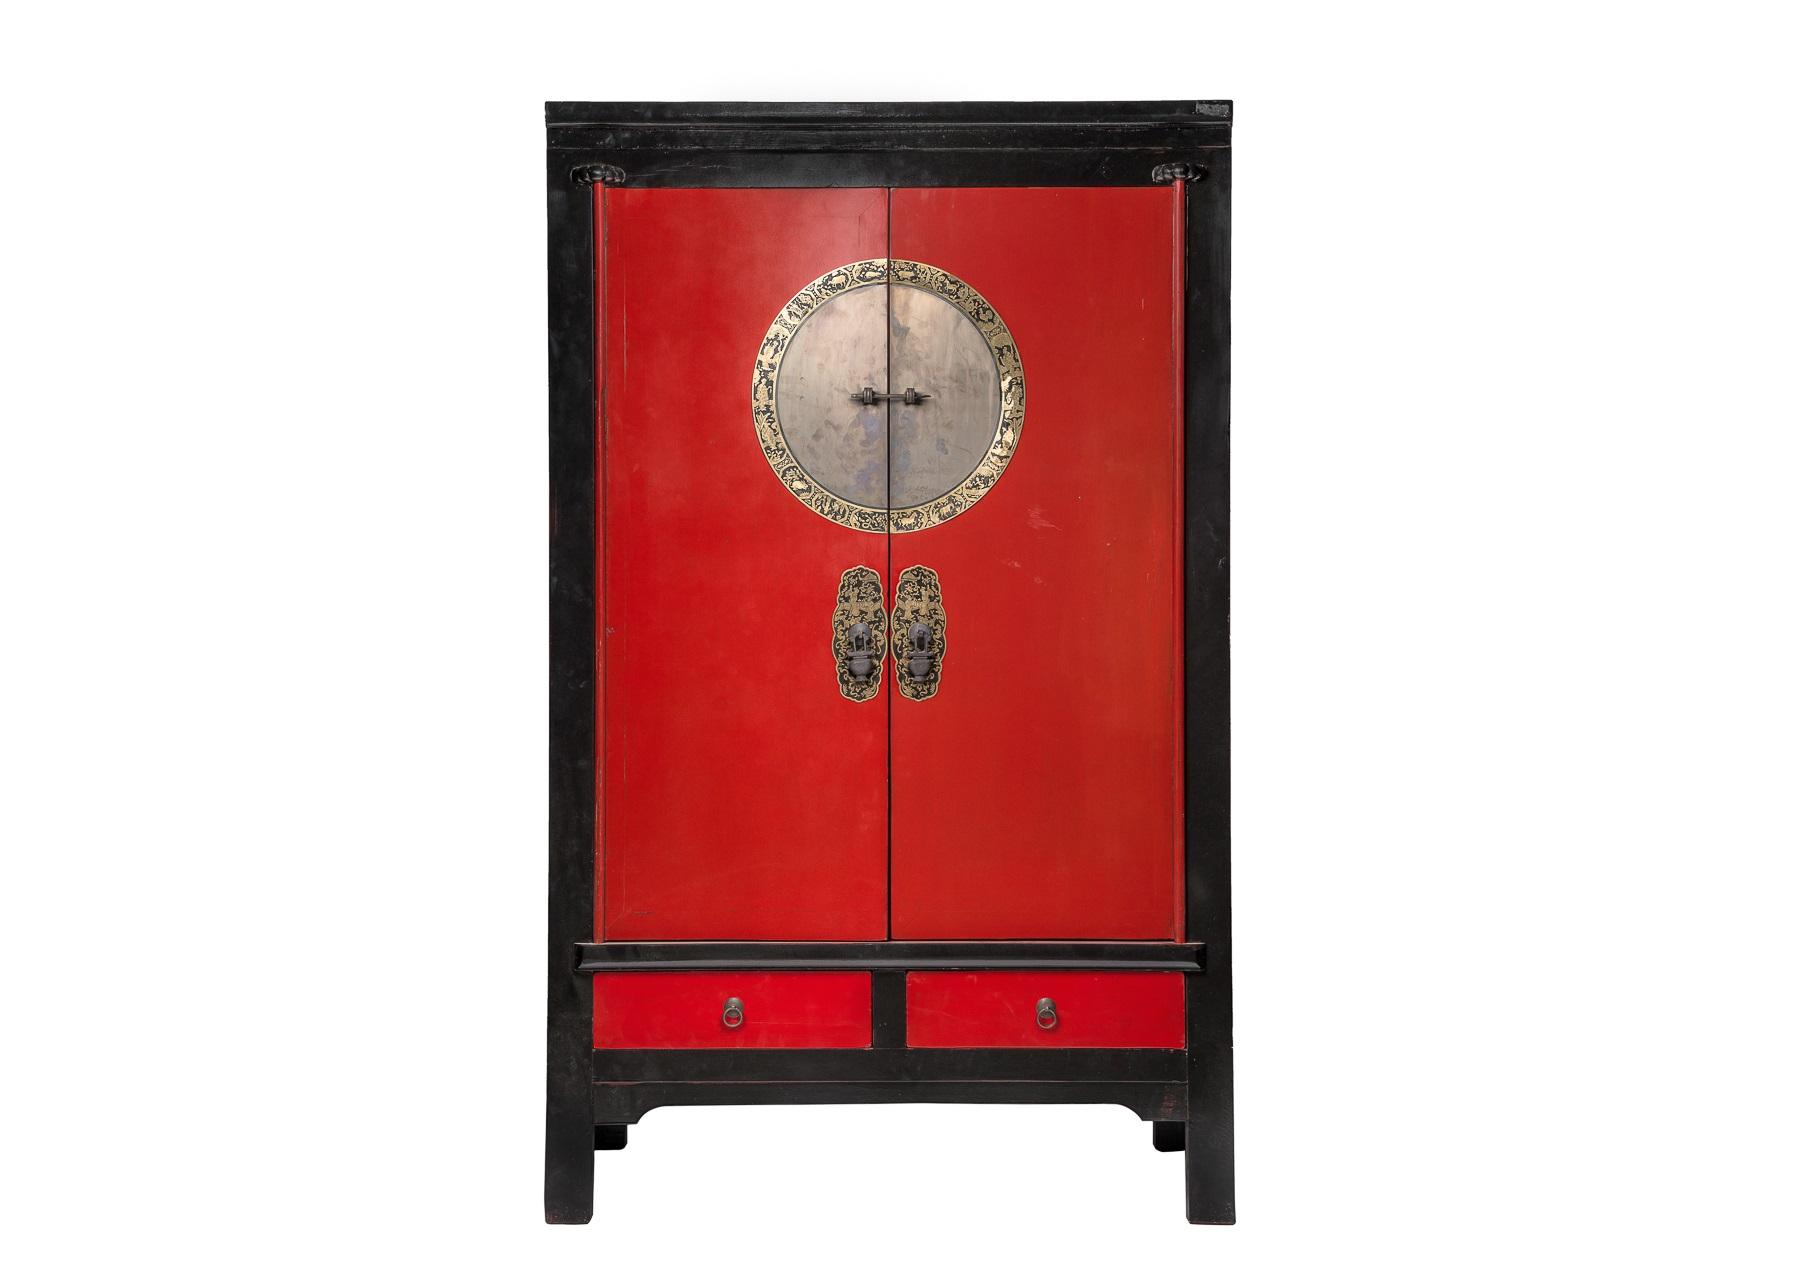 Шкаф ГуйБельевые шкафы<br>Традиционный китайский шкаф &amp;quot;Гуй&amp;quot; использовался в интерьерах жителей поднебесной во времена правления династии Цин. Наших современников он покоряет превосходной геометрией форм и элегантностью оформления. Классическое сочетание красного с черным смотрится очень стильно, а латунные запоры в красивой рамке добавляют дизайну утонченность.<br><br>Material: Дерево<br>Ширина см: 108.0<br>Высота см: 188.0<br>Глубина см: 56.0